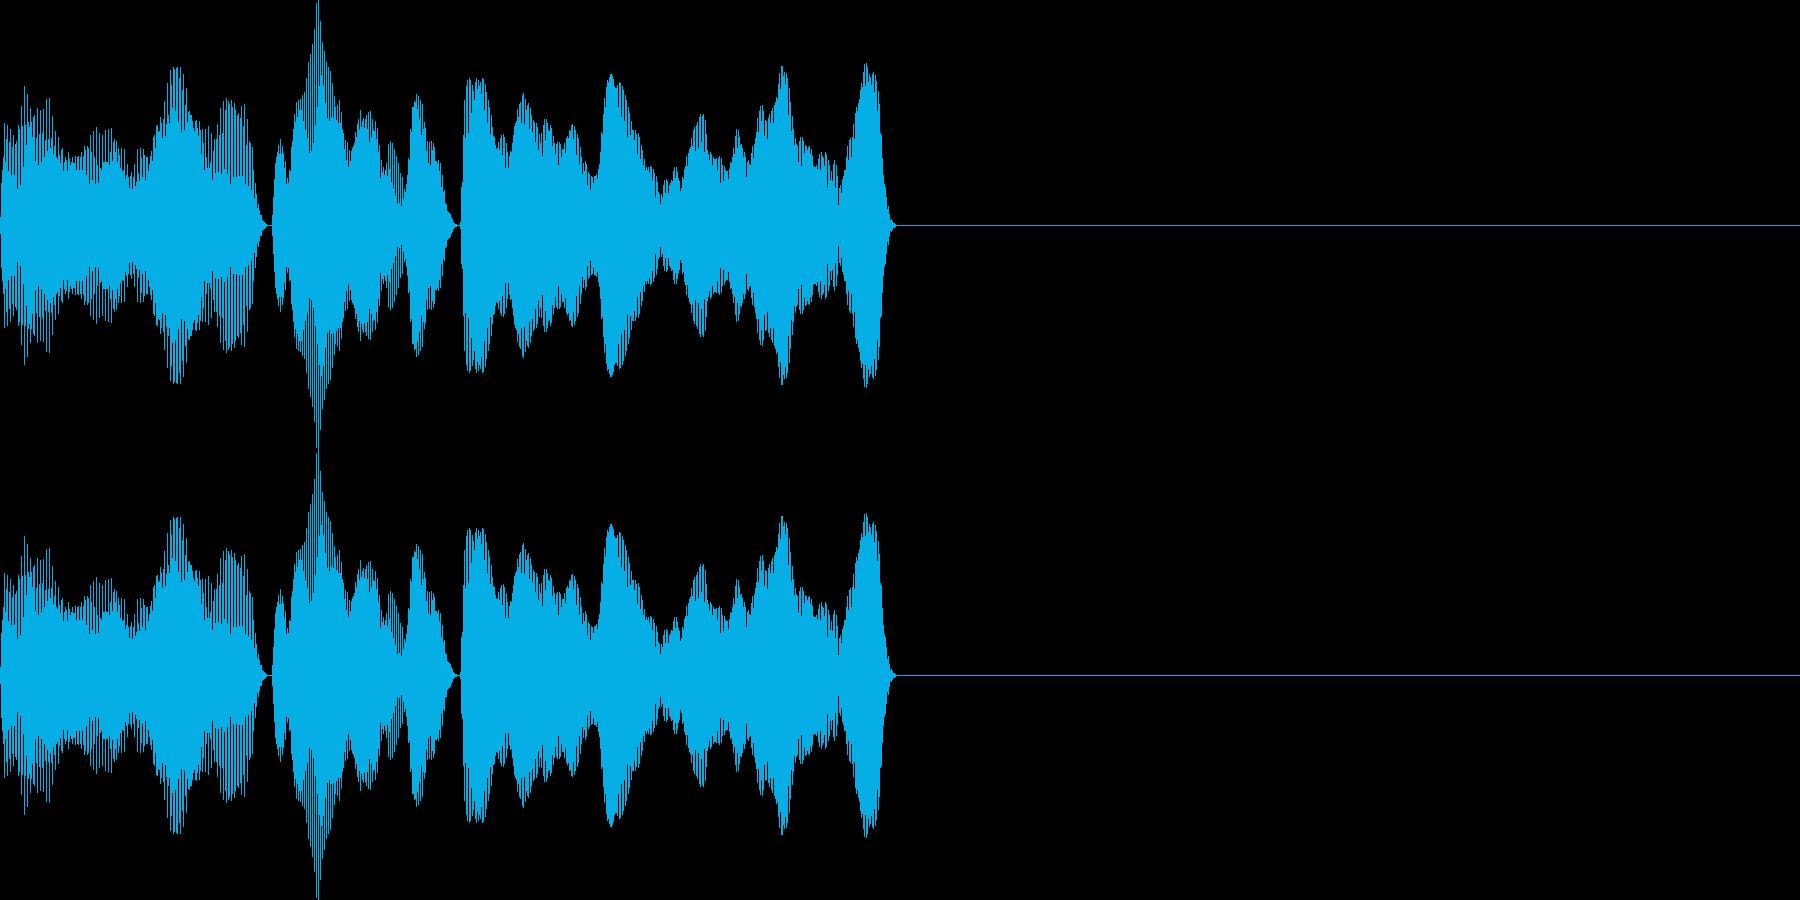 ティララ(ボタン_決定)の再生済みの波形